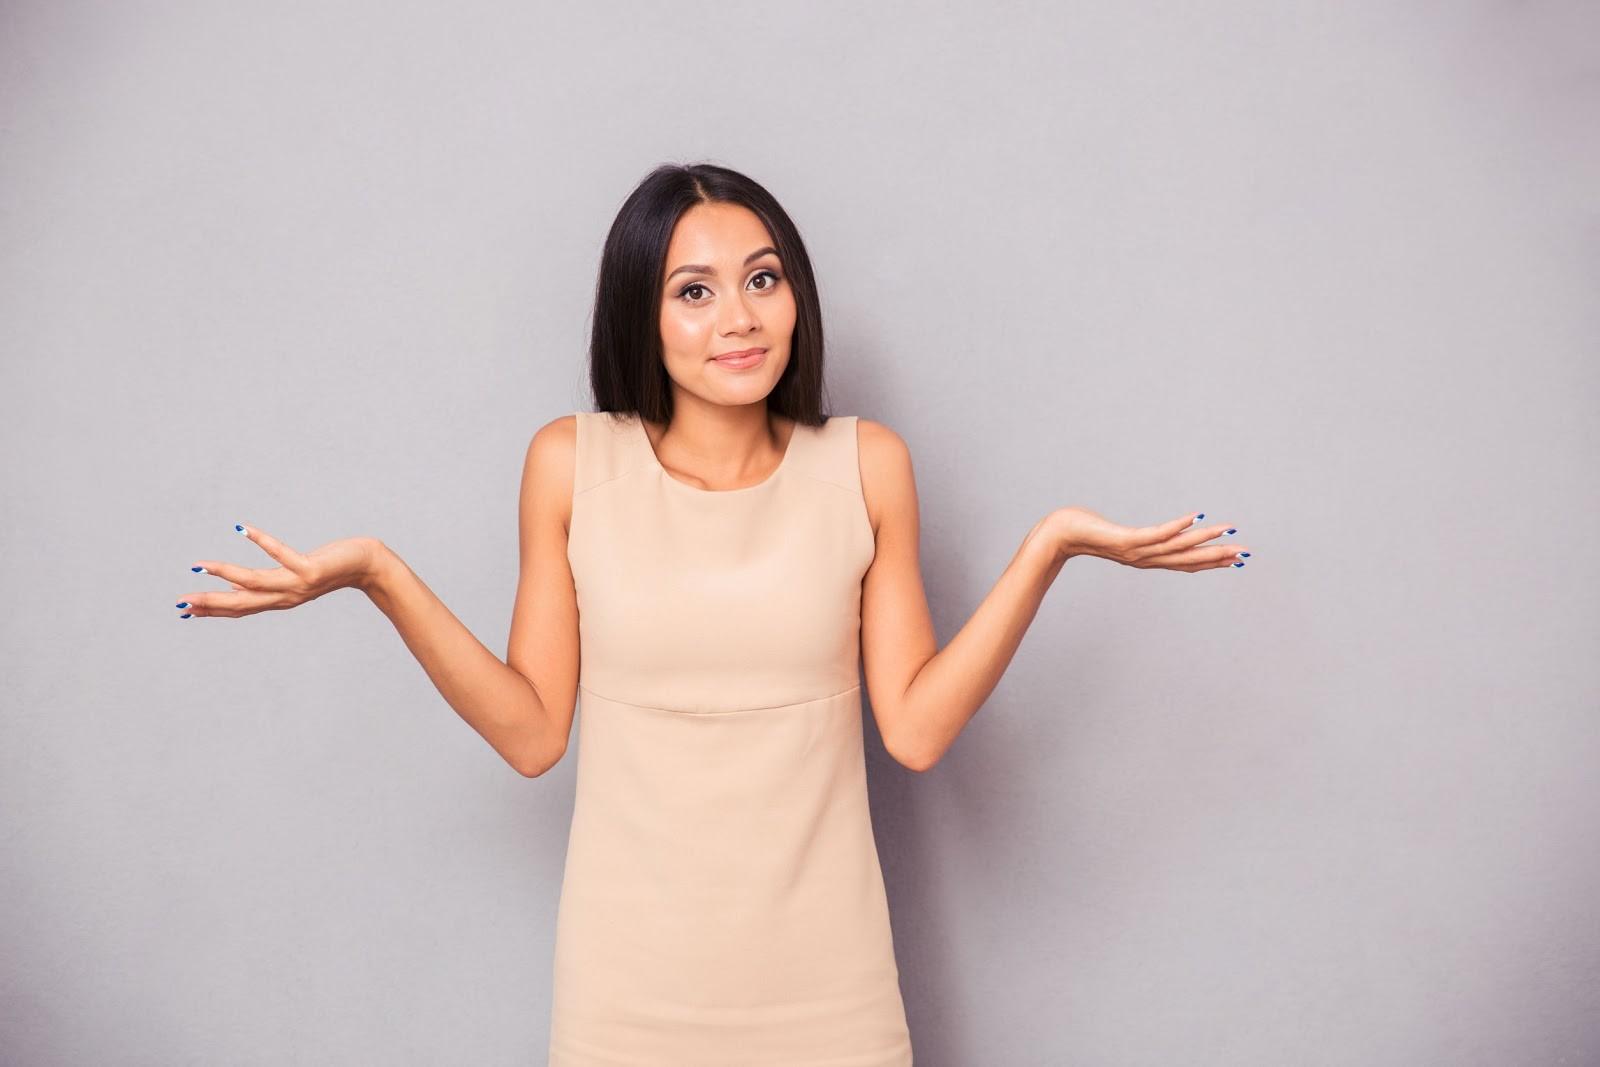 Butuh Pinjaman Uang, Lebih Baik Gestun Kartu Kredit atau Coba Fintech